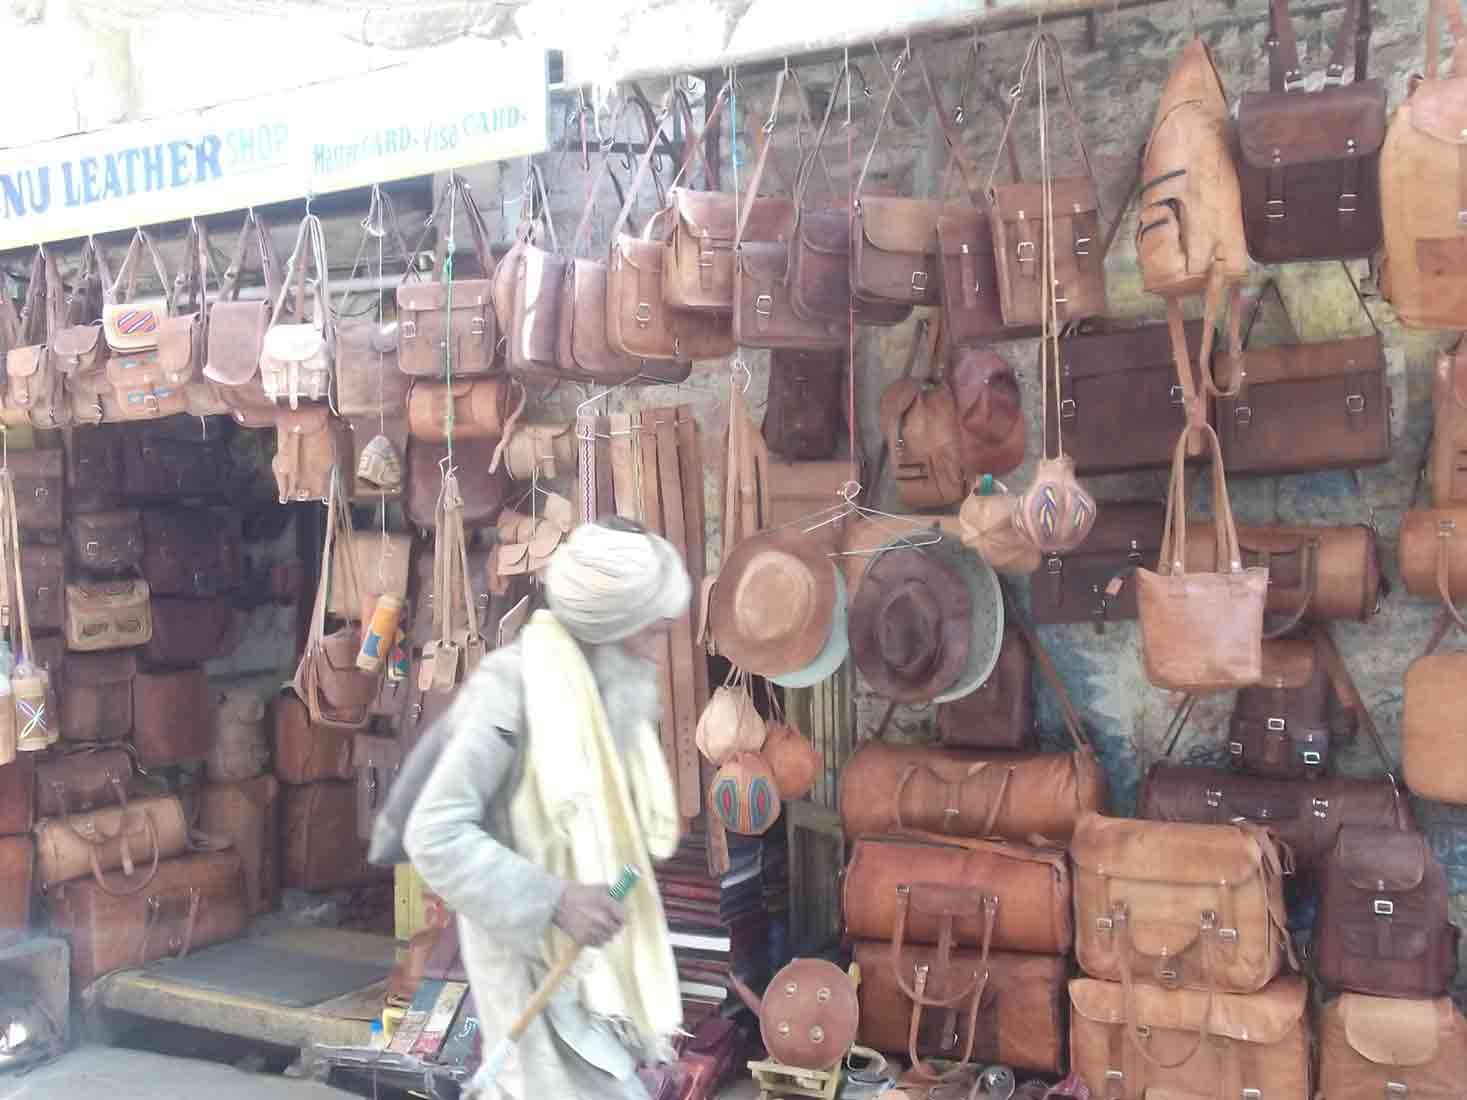 Tienda de bolsos de cuero en Jaisalmer